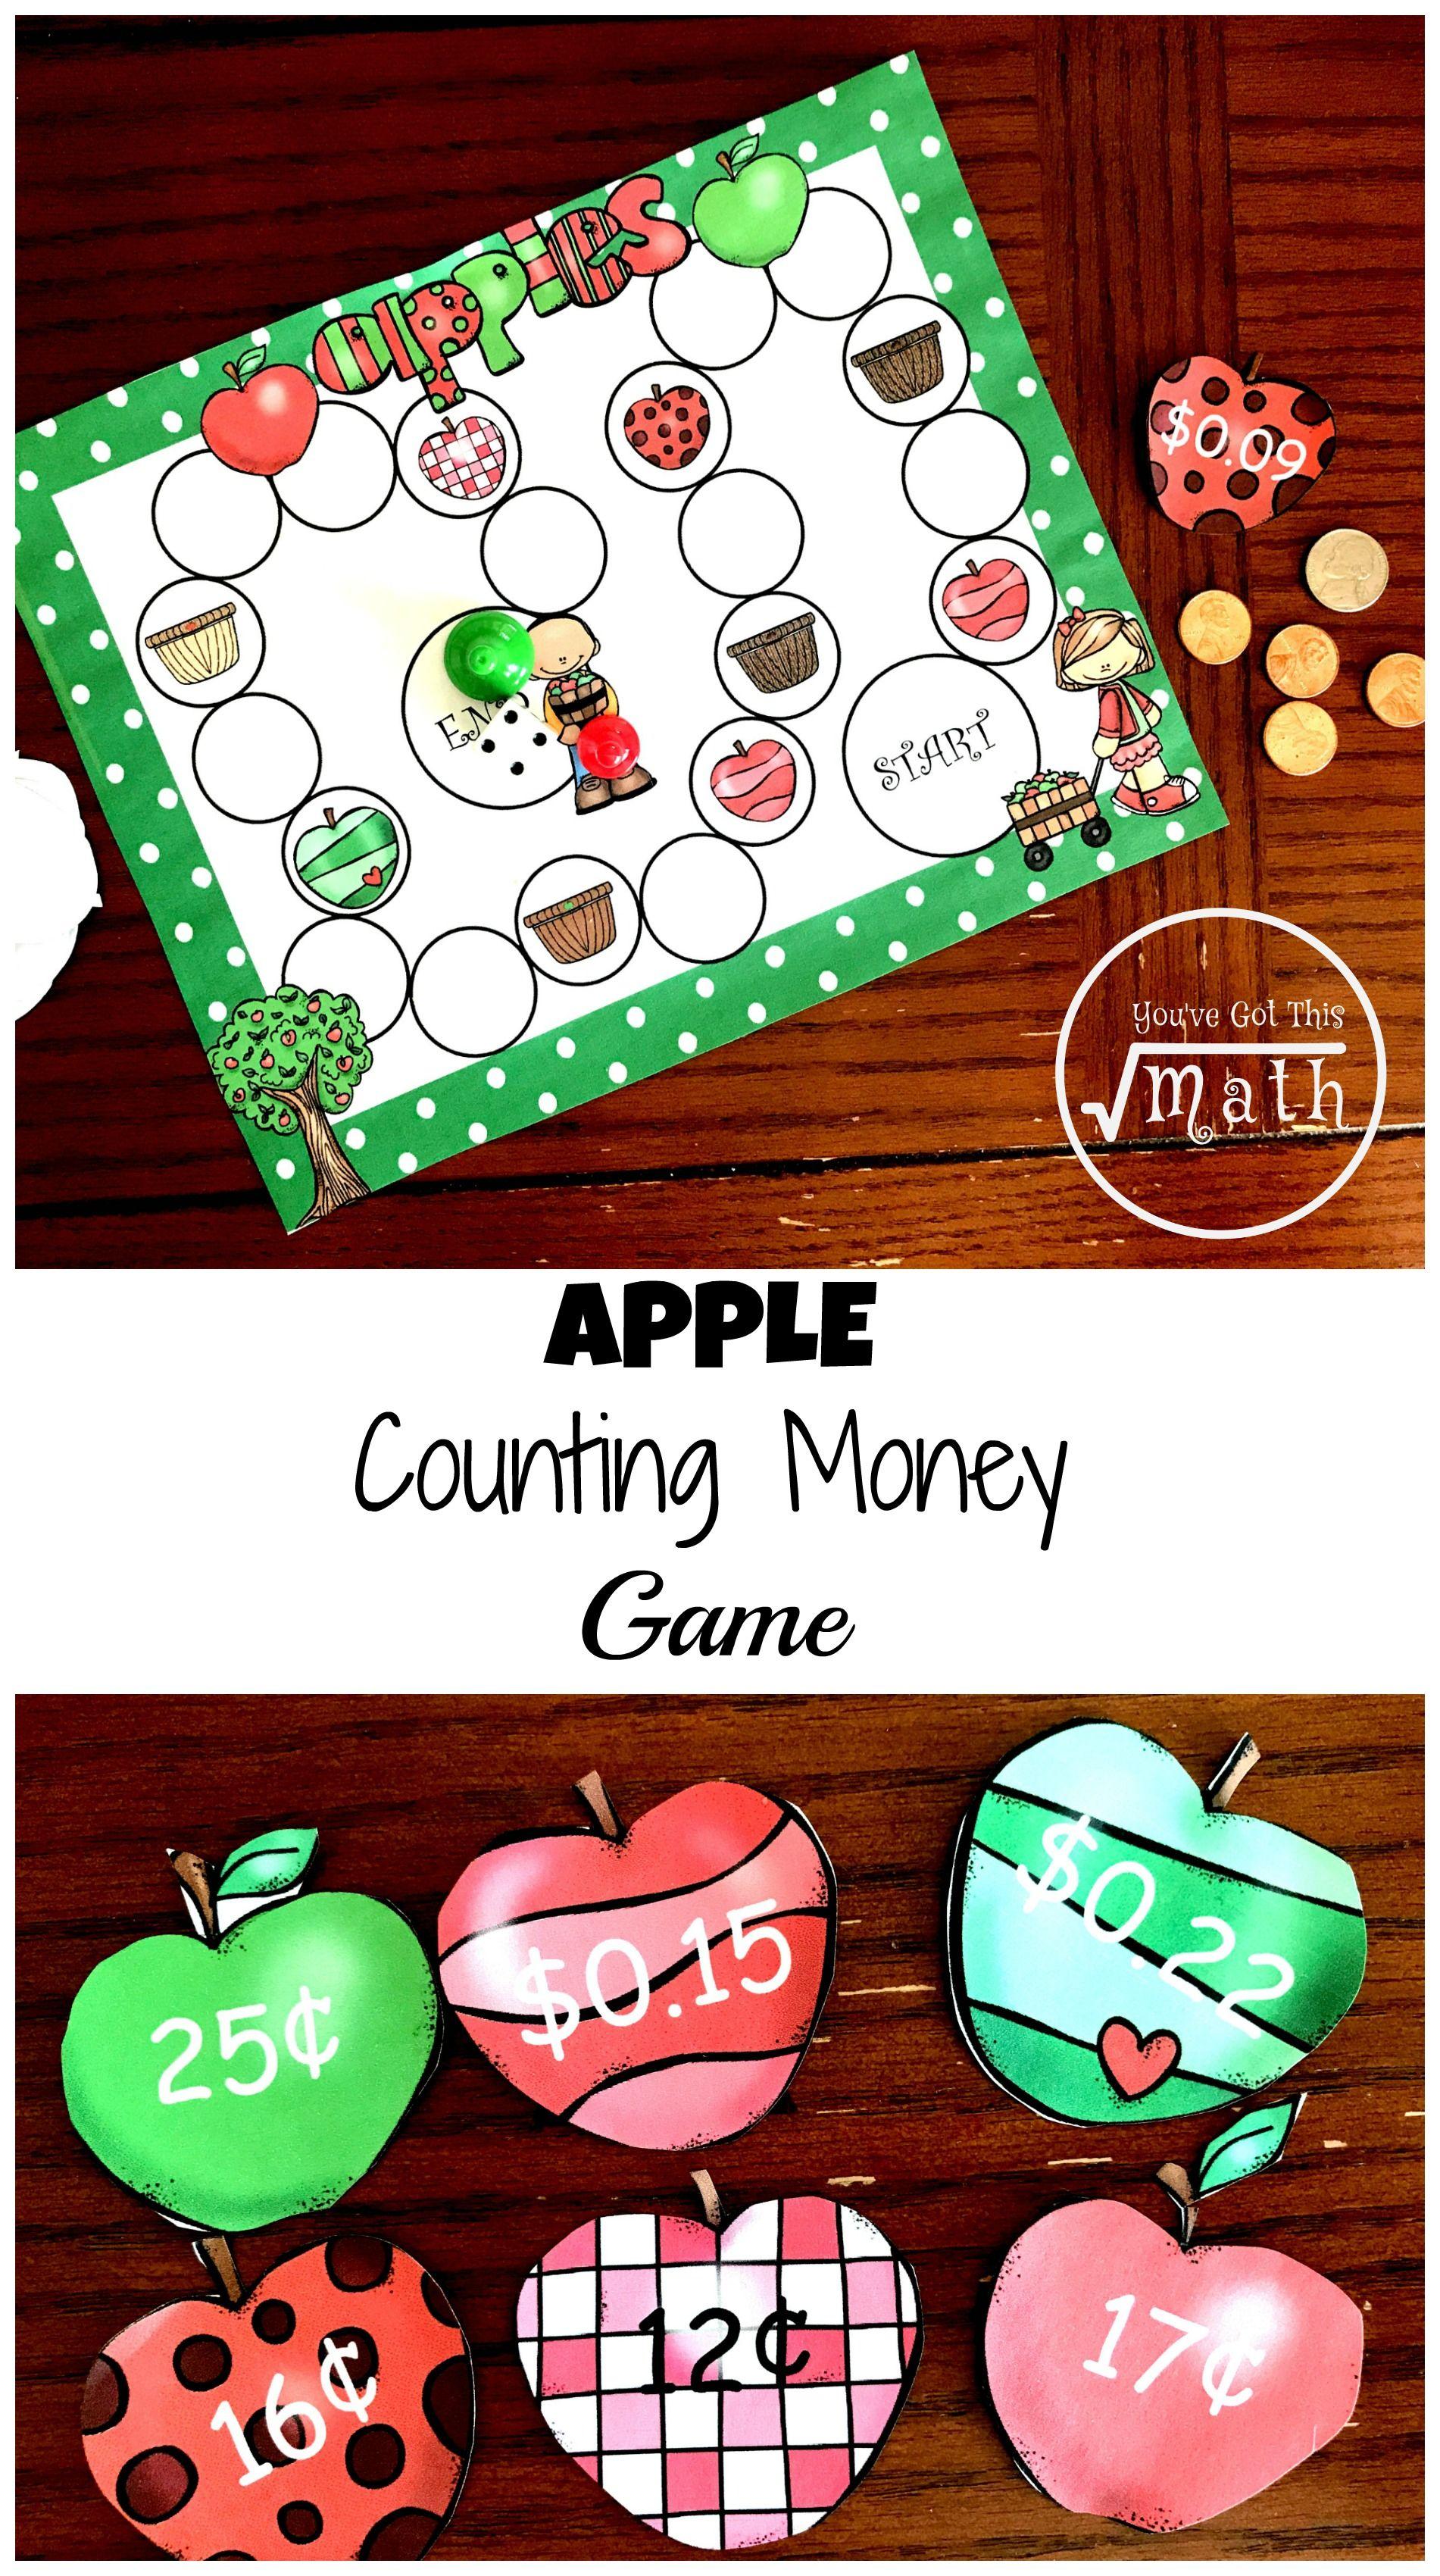 26+ Online rummy game free cash info